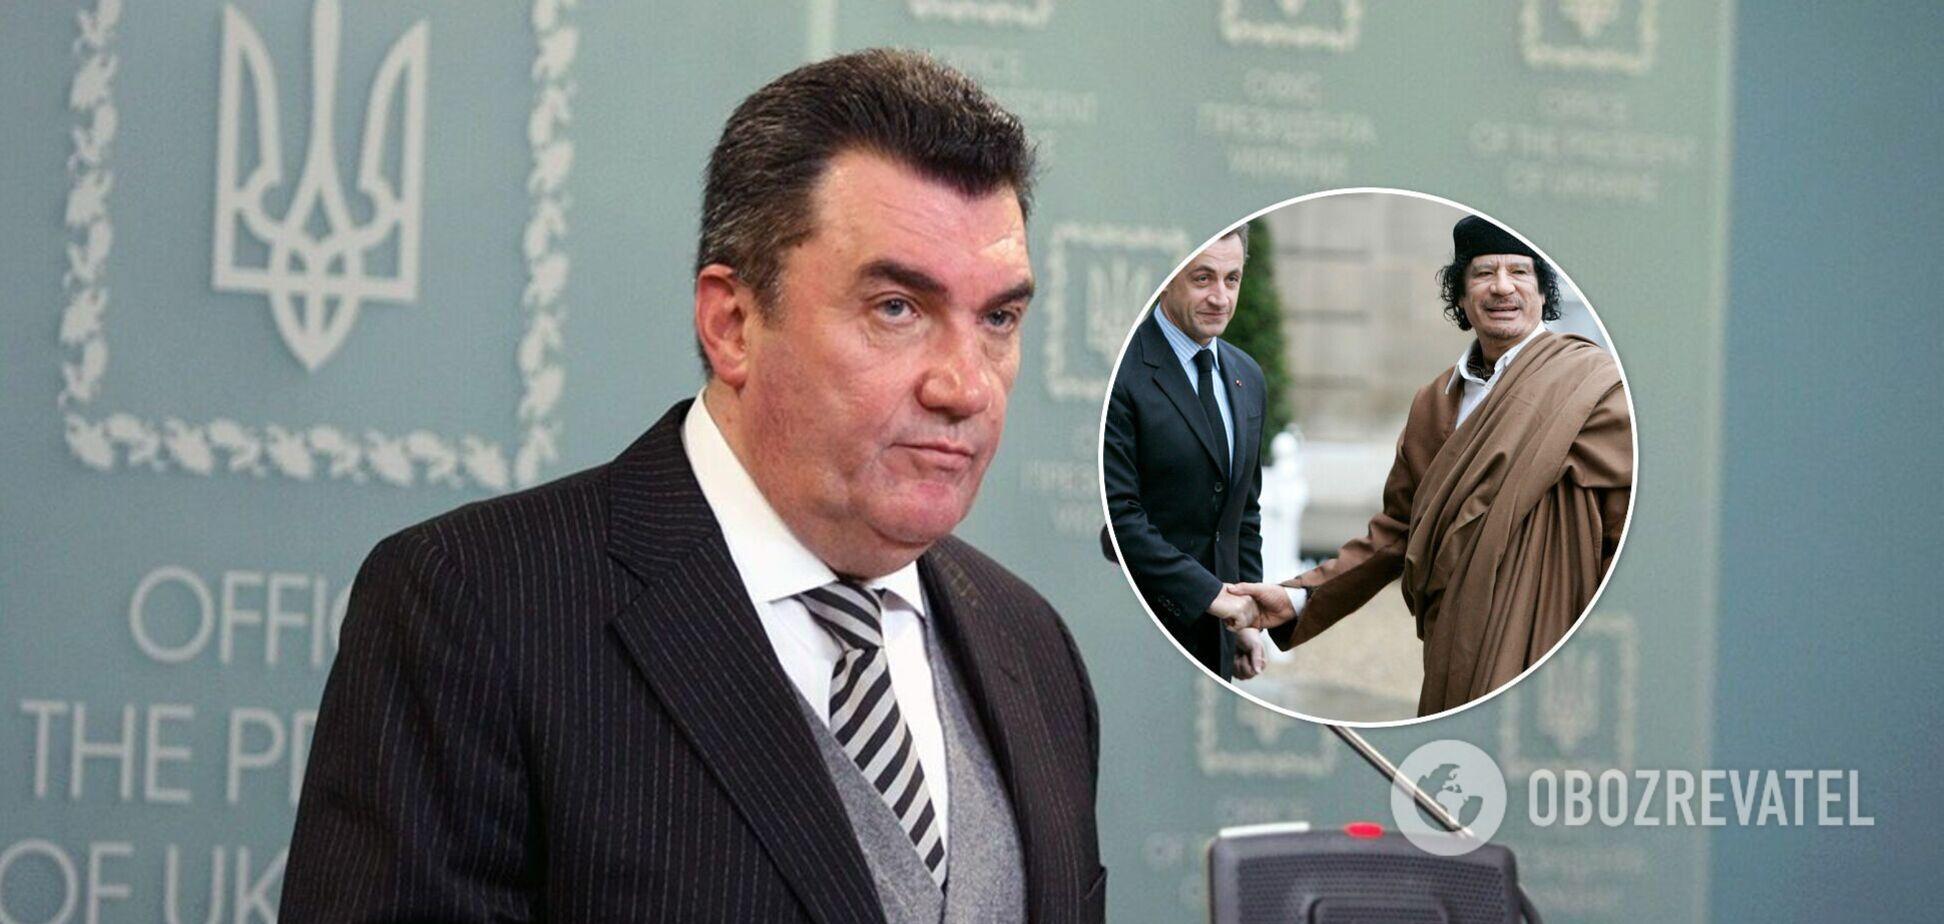 Данилов напомнил о коррупции среди европейских топ-чиновников и их связях с Россией